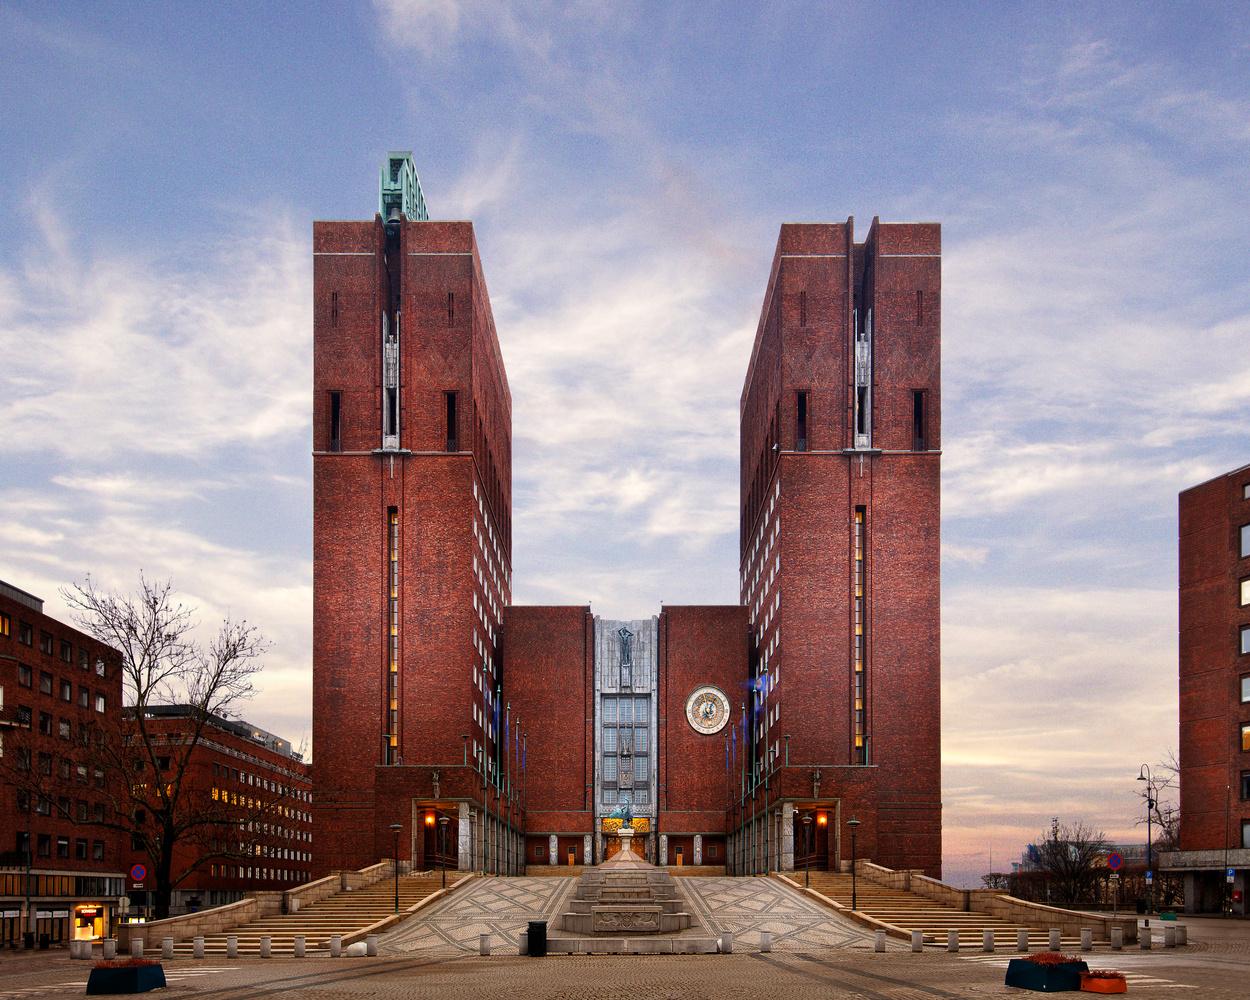 Oslo City Hall by Miguel Santos Novoa